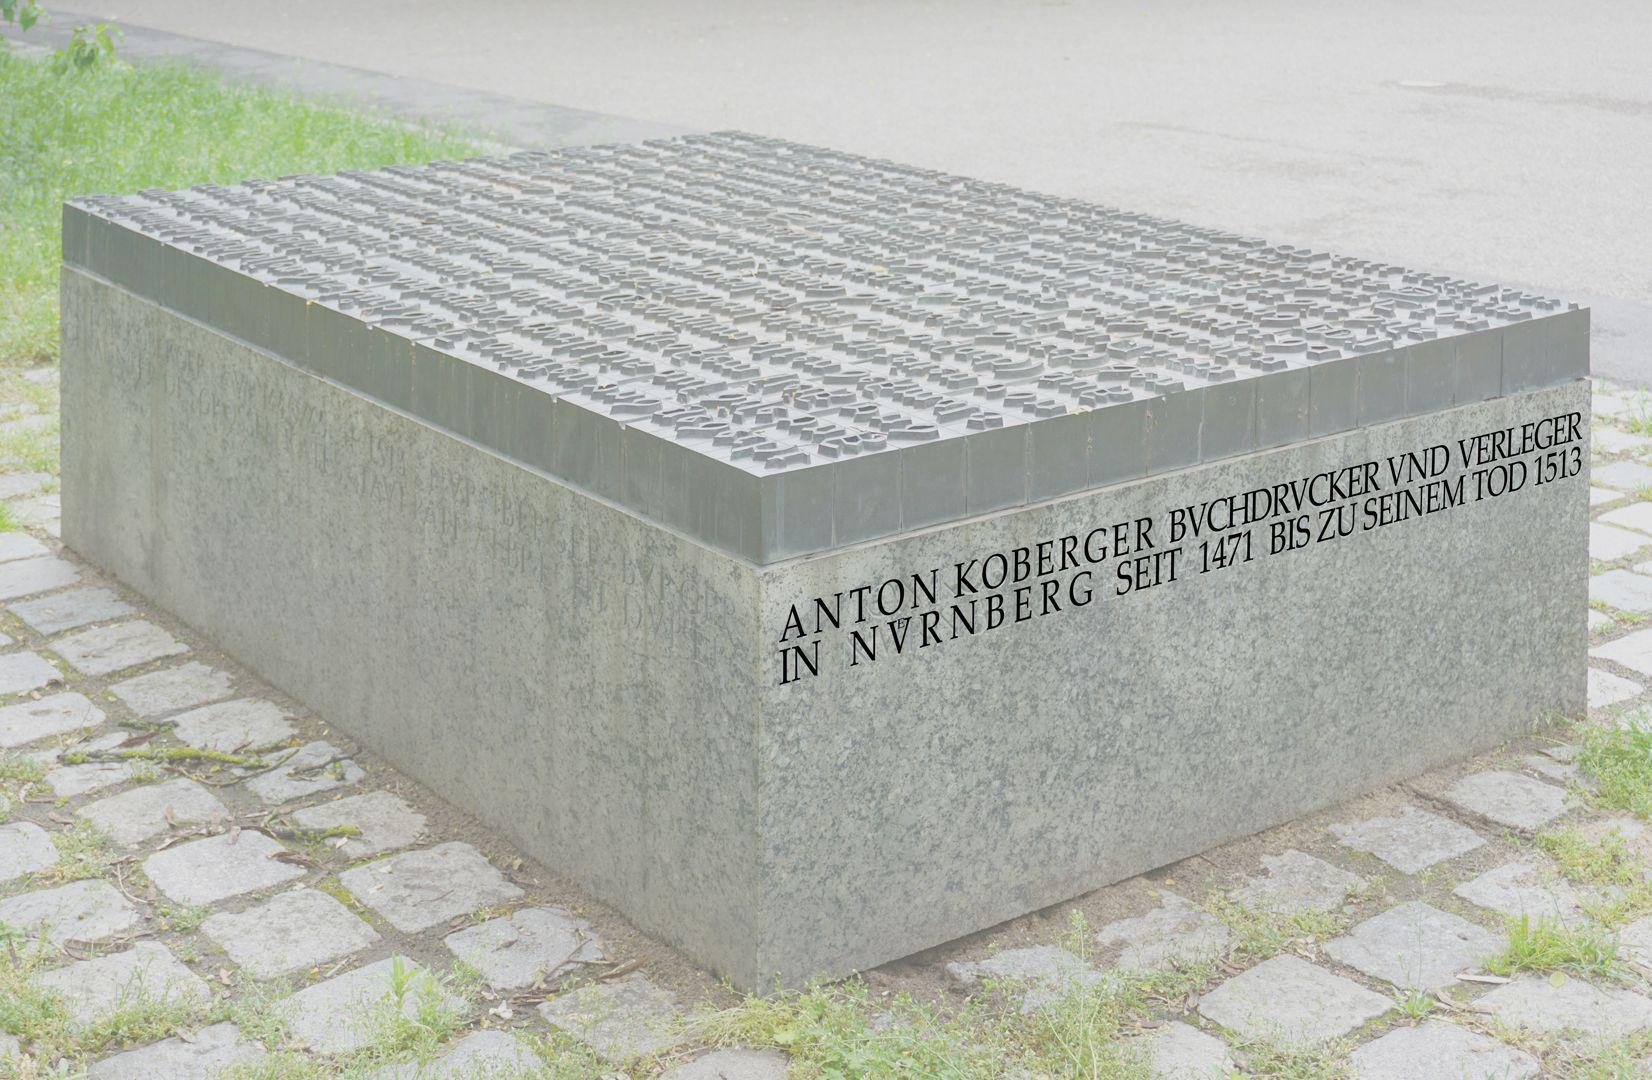 Anton Koberger / Gedenkstein Schrägansicht auf die linke Seite mit Inschrifttext (nachträgliche Fotobearbeitung)